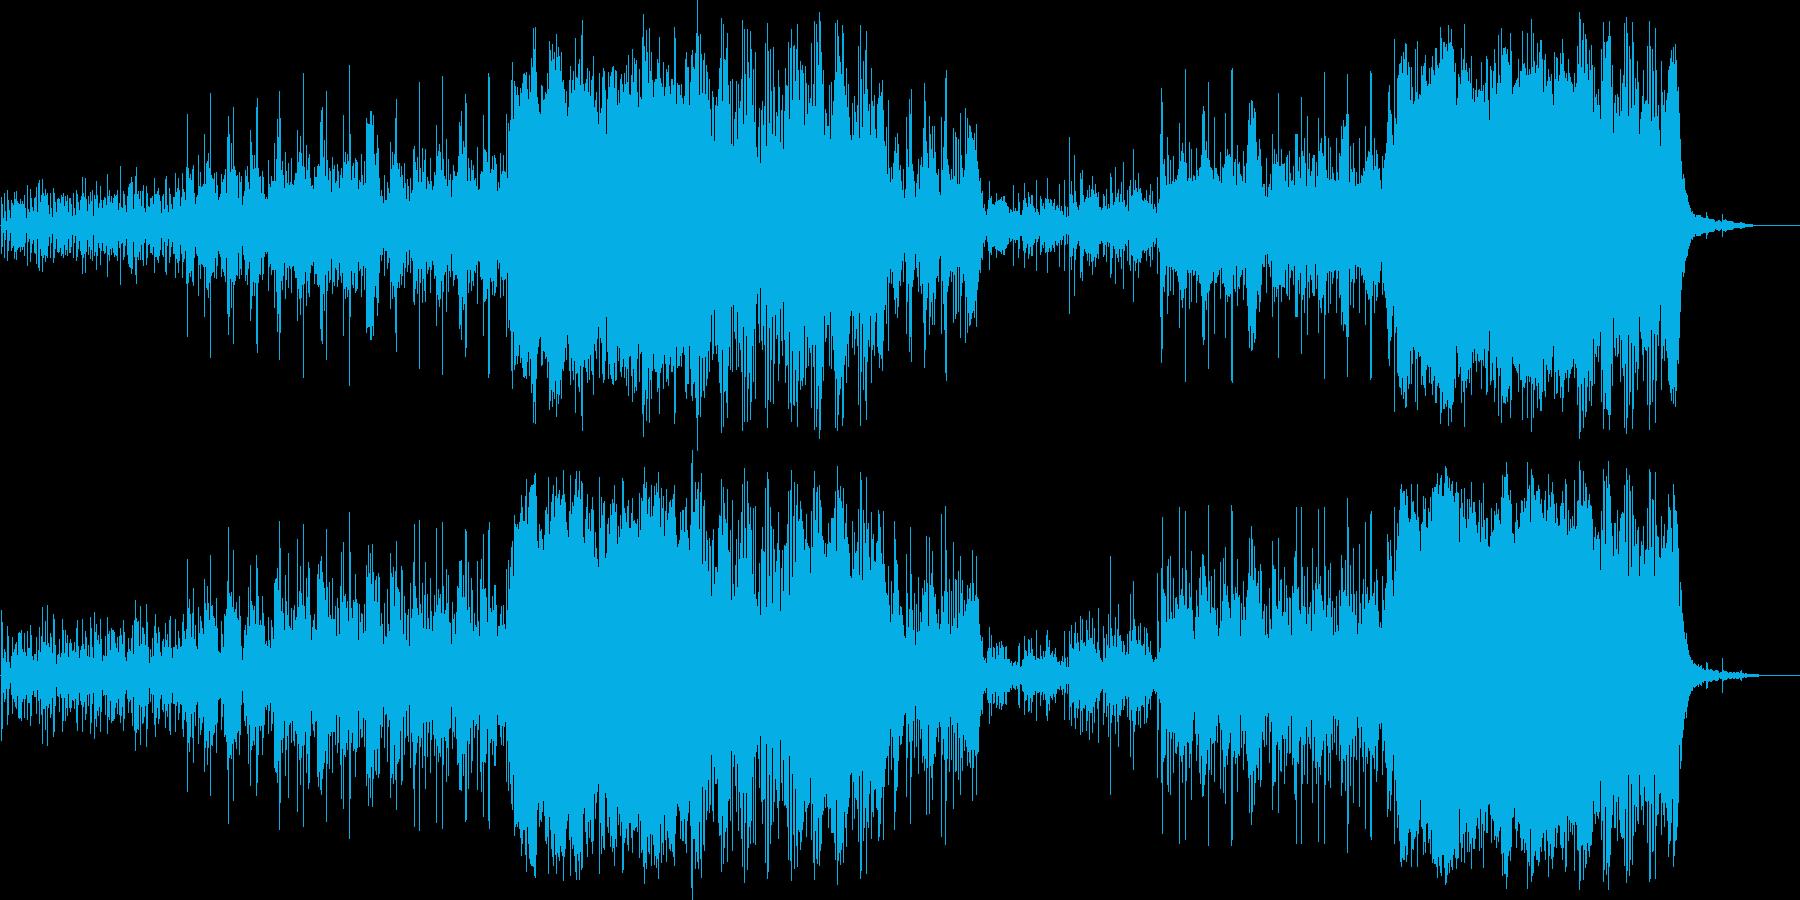 雄大なジャングルをイメージ、民族調BGMの再生済みの波形